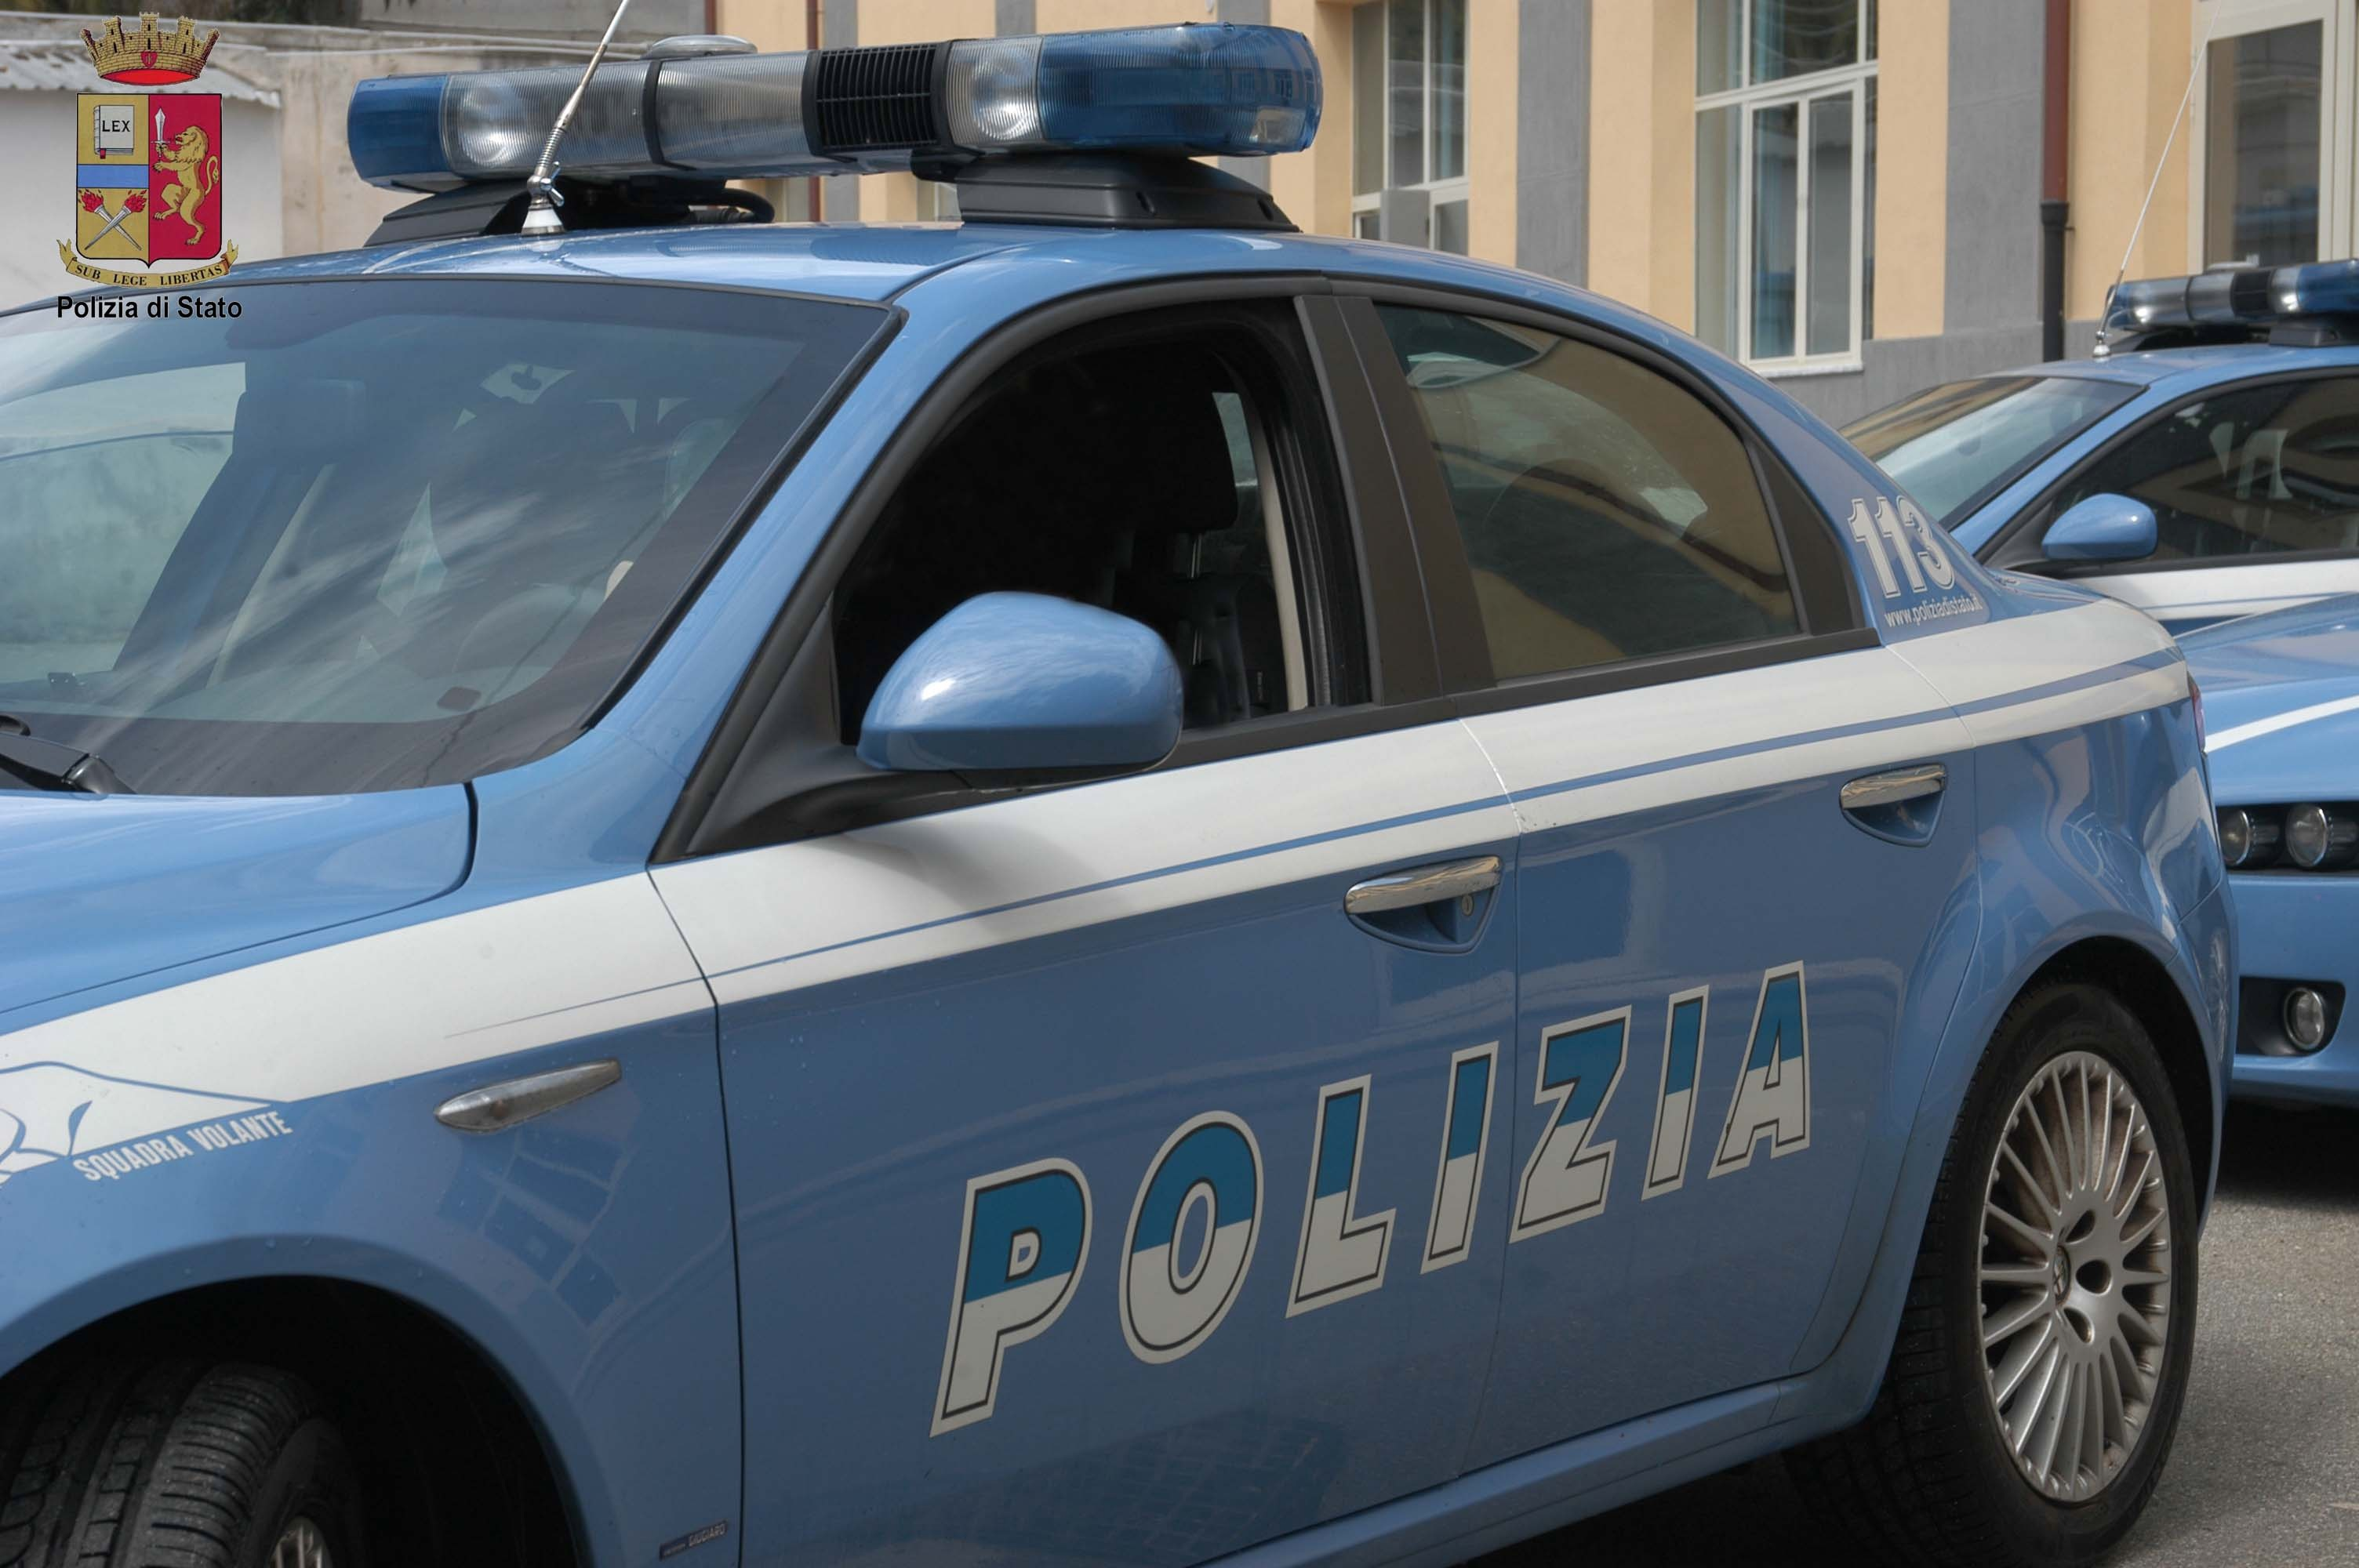 Anziani aggrediti a Cefalù mentre facevano un pic nic: un arresto